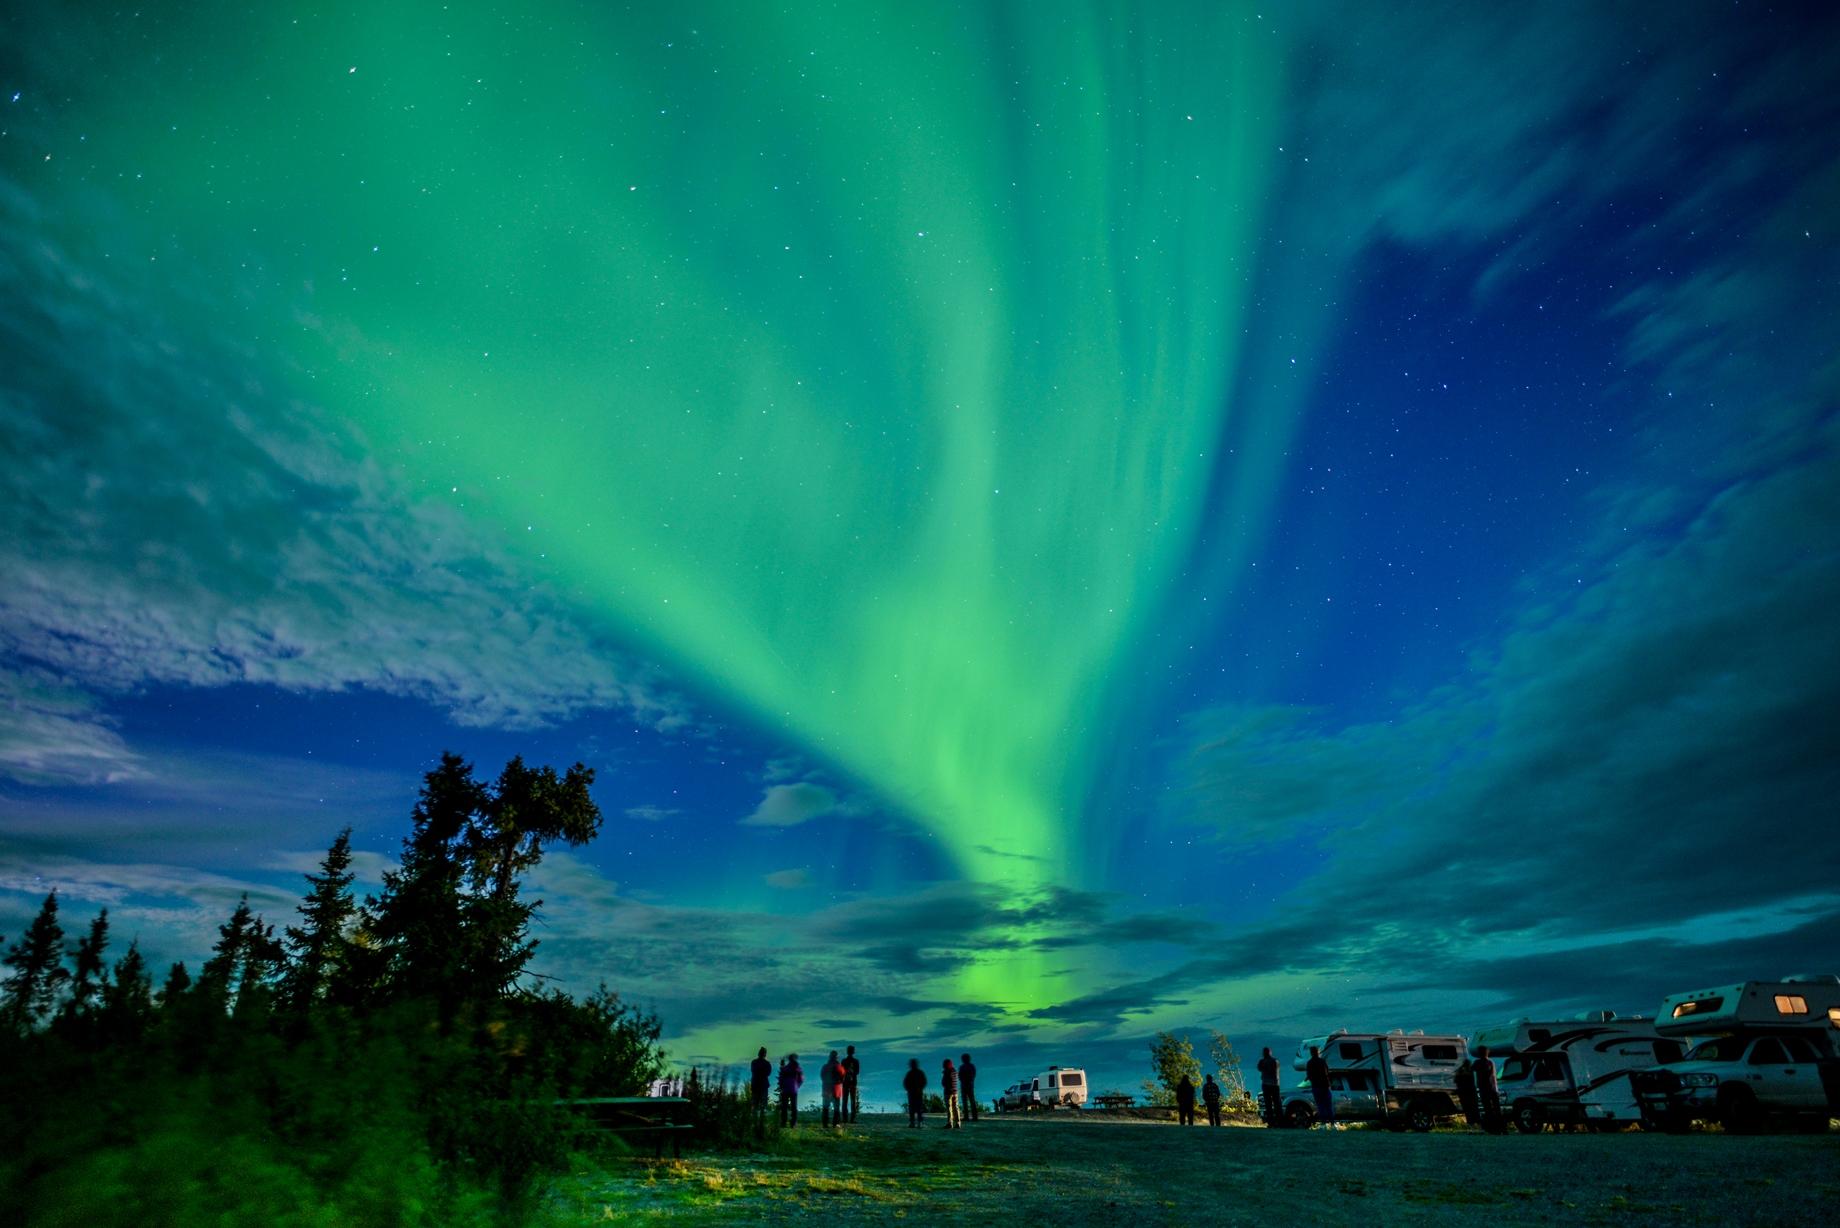 極北の夜空に舞い降りるオーロラ